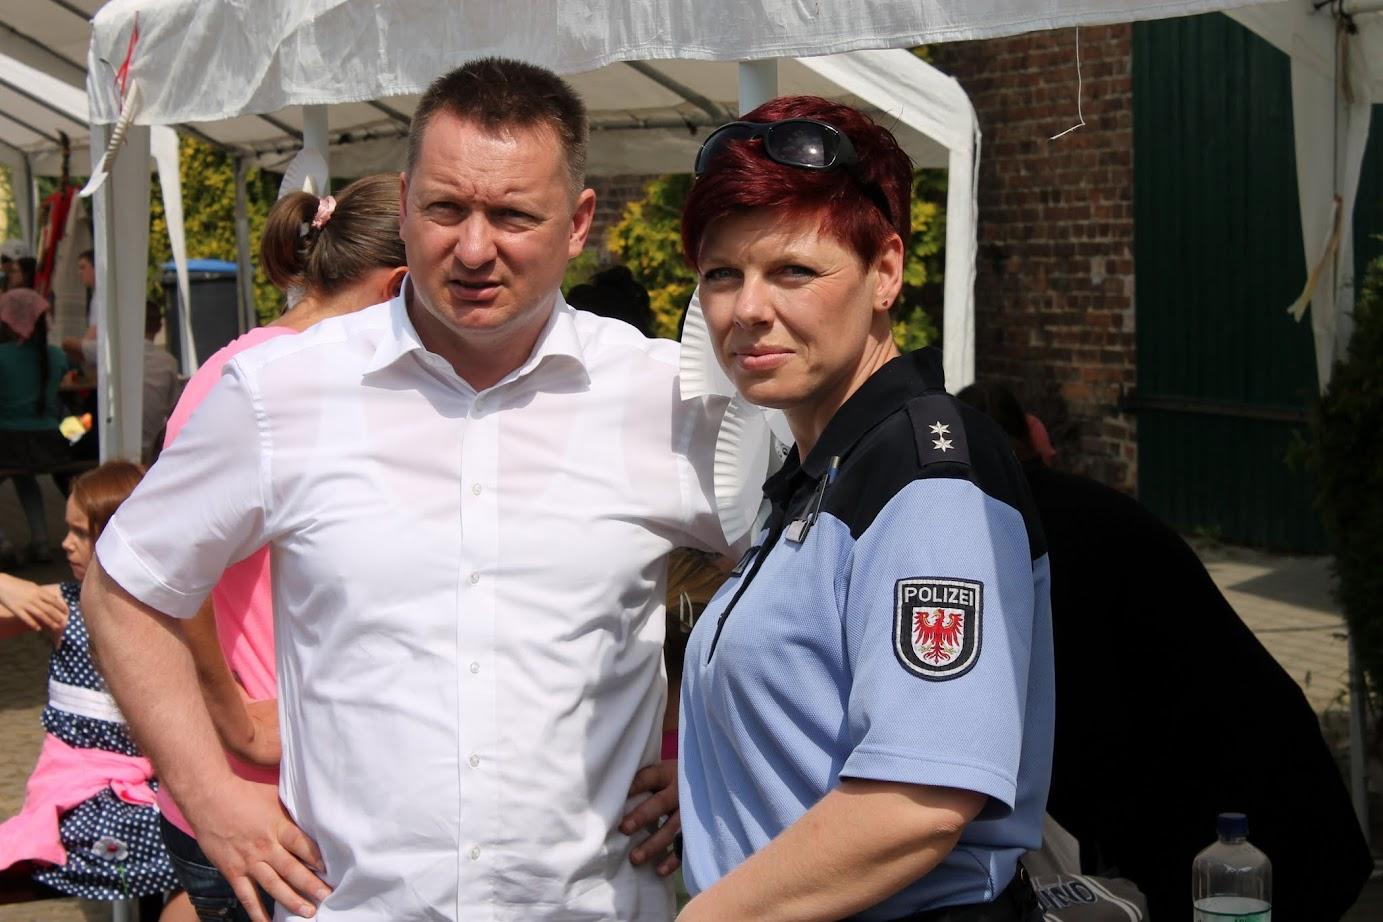 Amtsdirektor Frank Gotzmann und die deutsch-polnische Kontaktbeamtin Thea Trapp beobachteten das festliche Geschehen aufmerksam. Foto: A. Schwarze